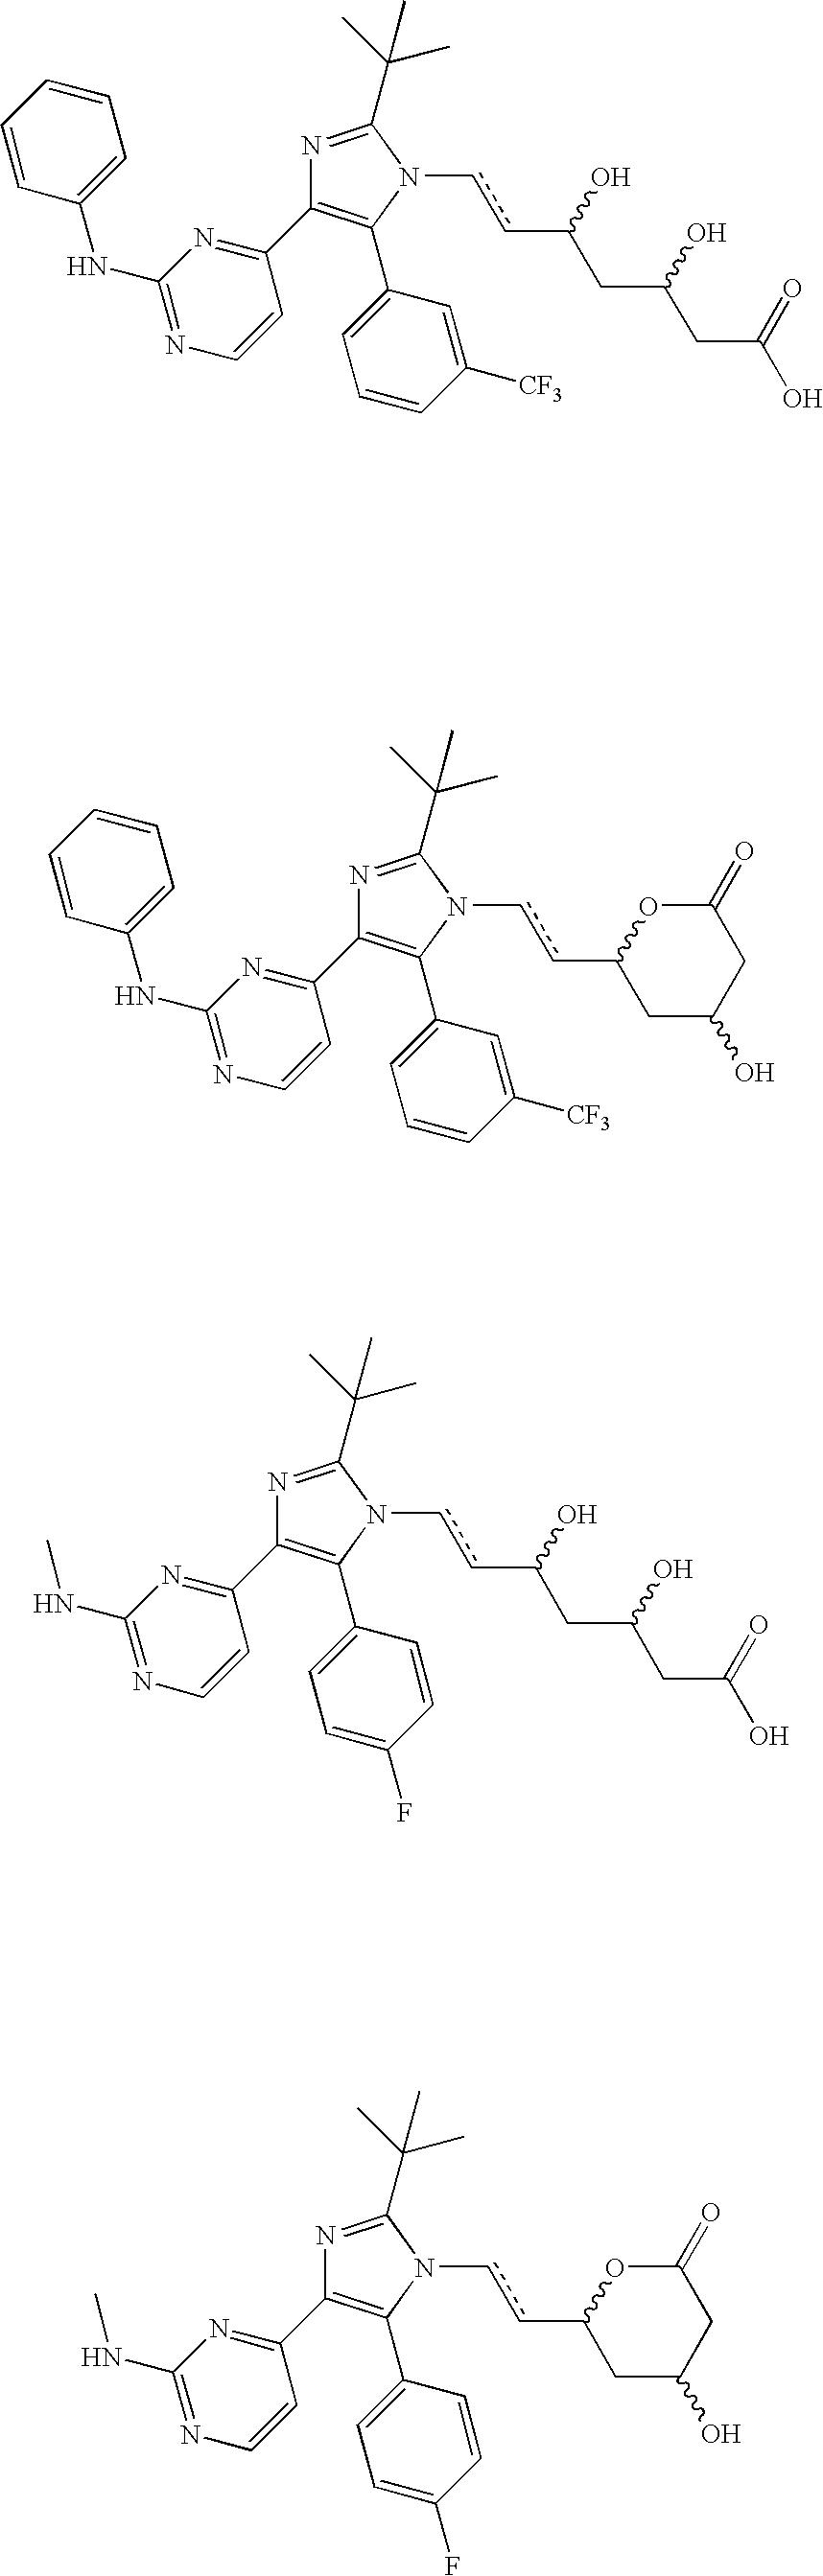 Figure US20050261354A1-20051124-C00058